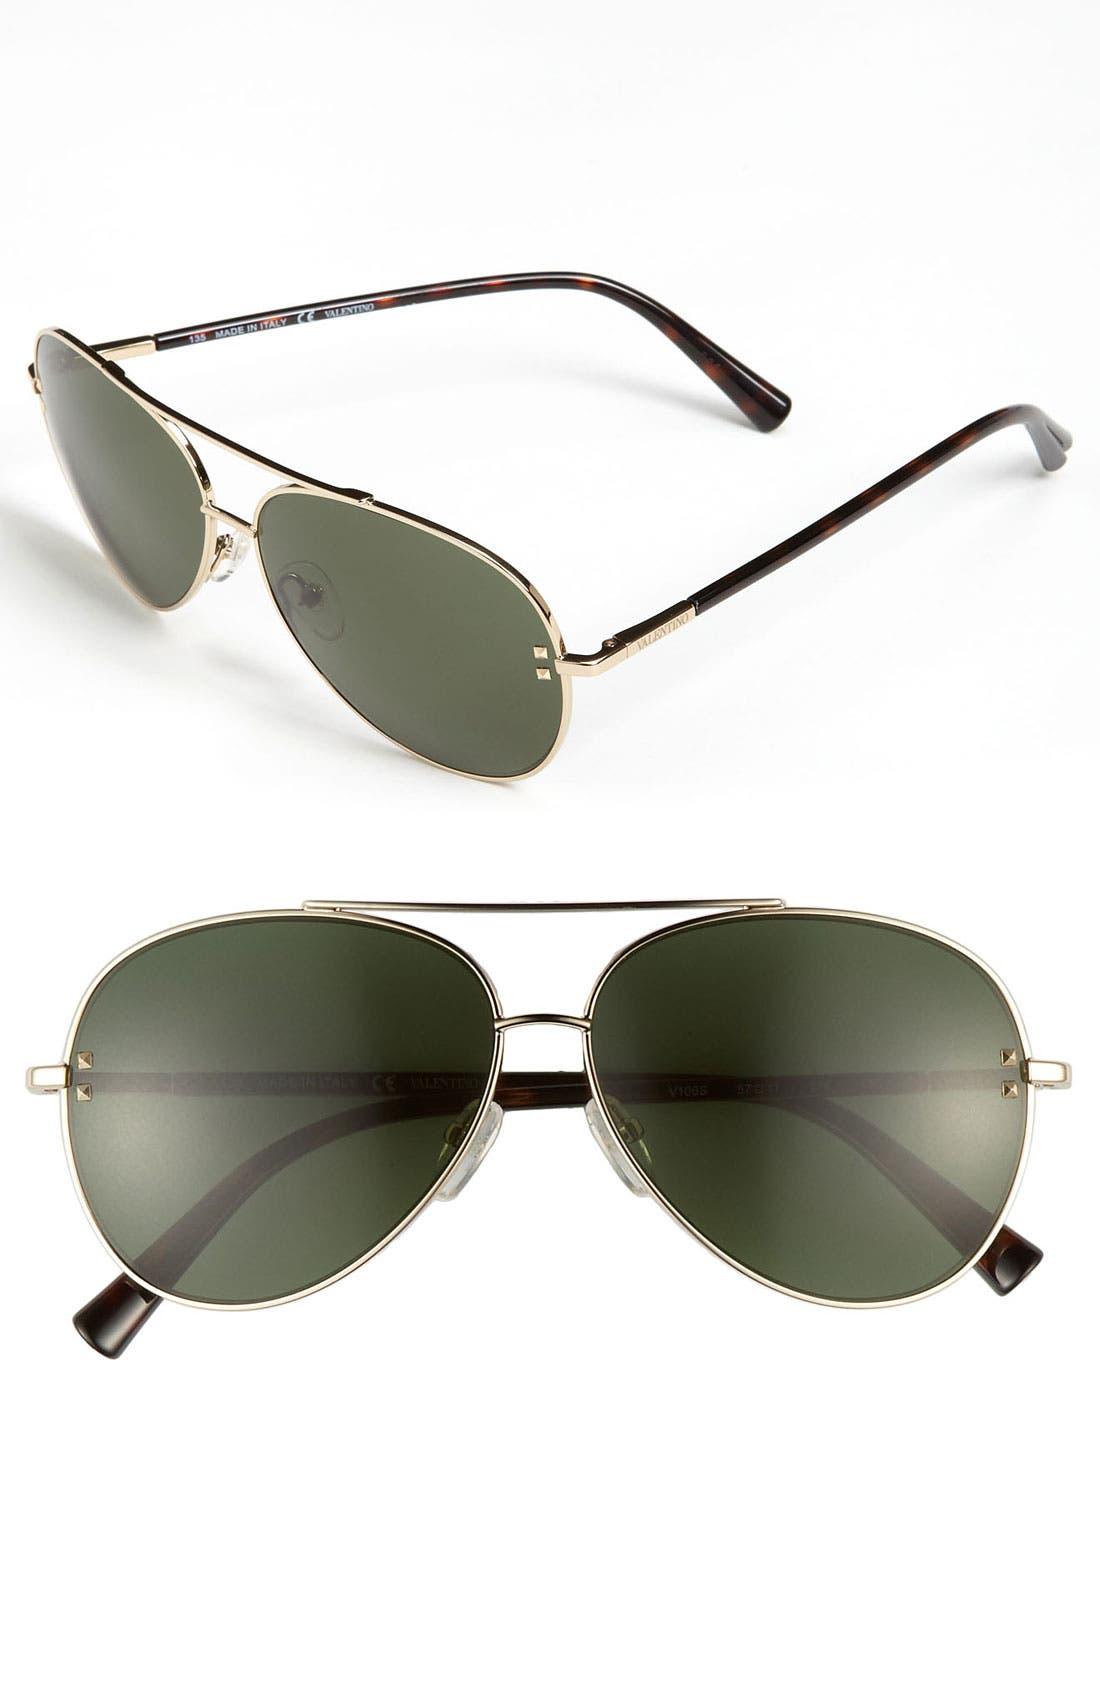 Main Image - Valentino 57mm Metal Aviator Sunglasses